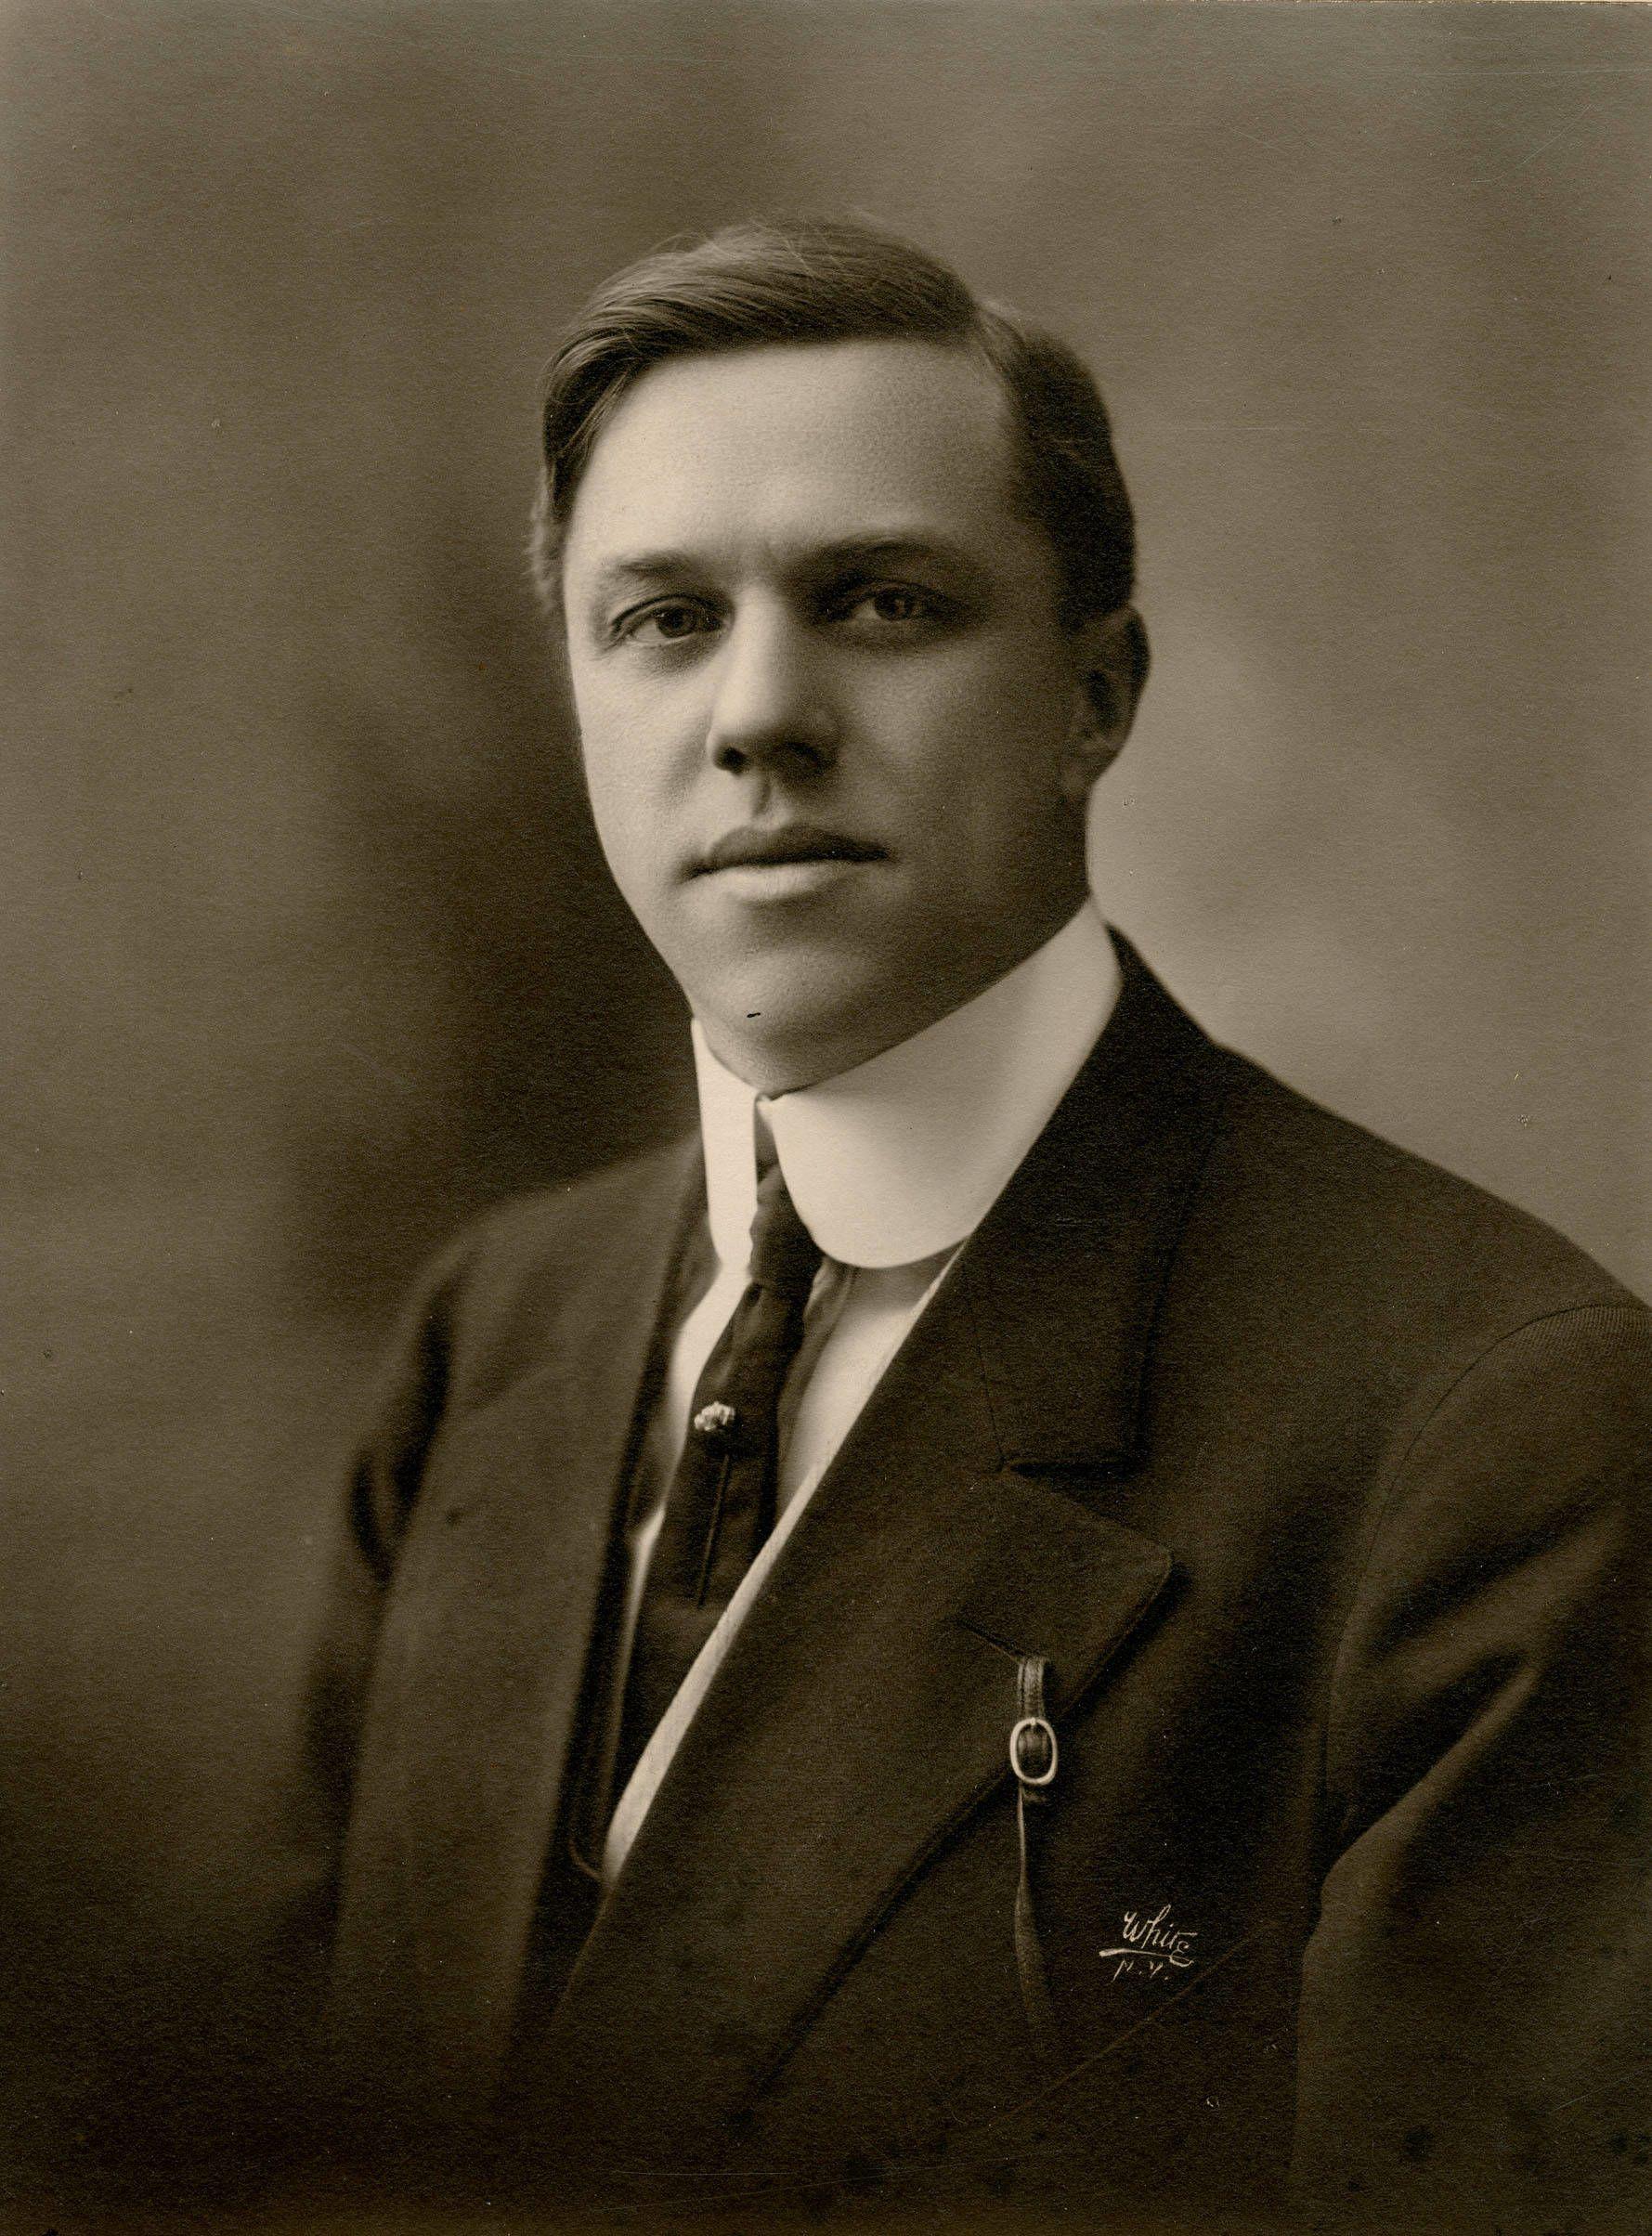 Férfi fotója 1910-ből, melyen jól látszik a merevített inggallér. (Fotó: Wikipedia)